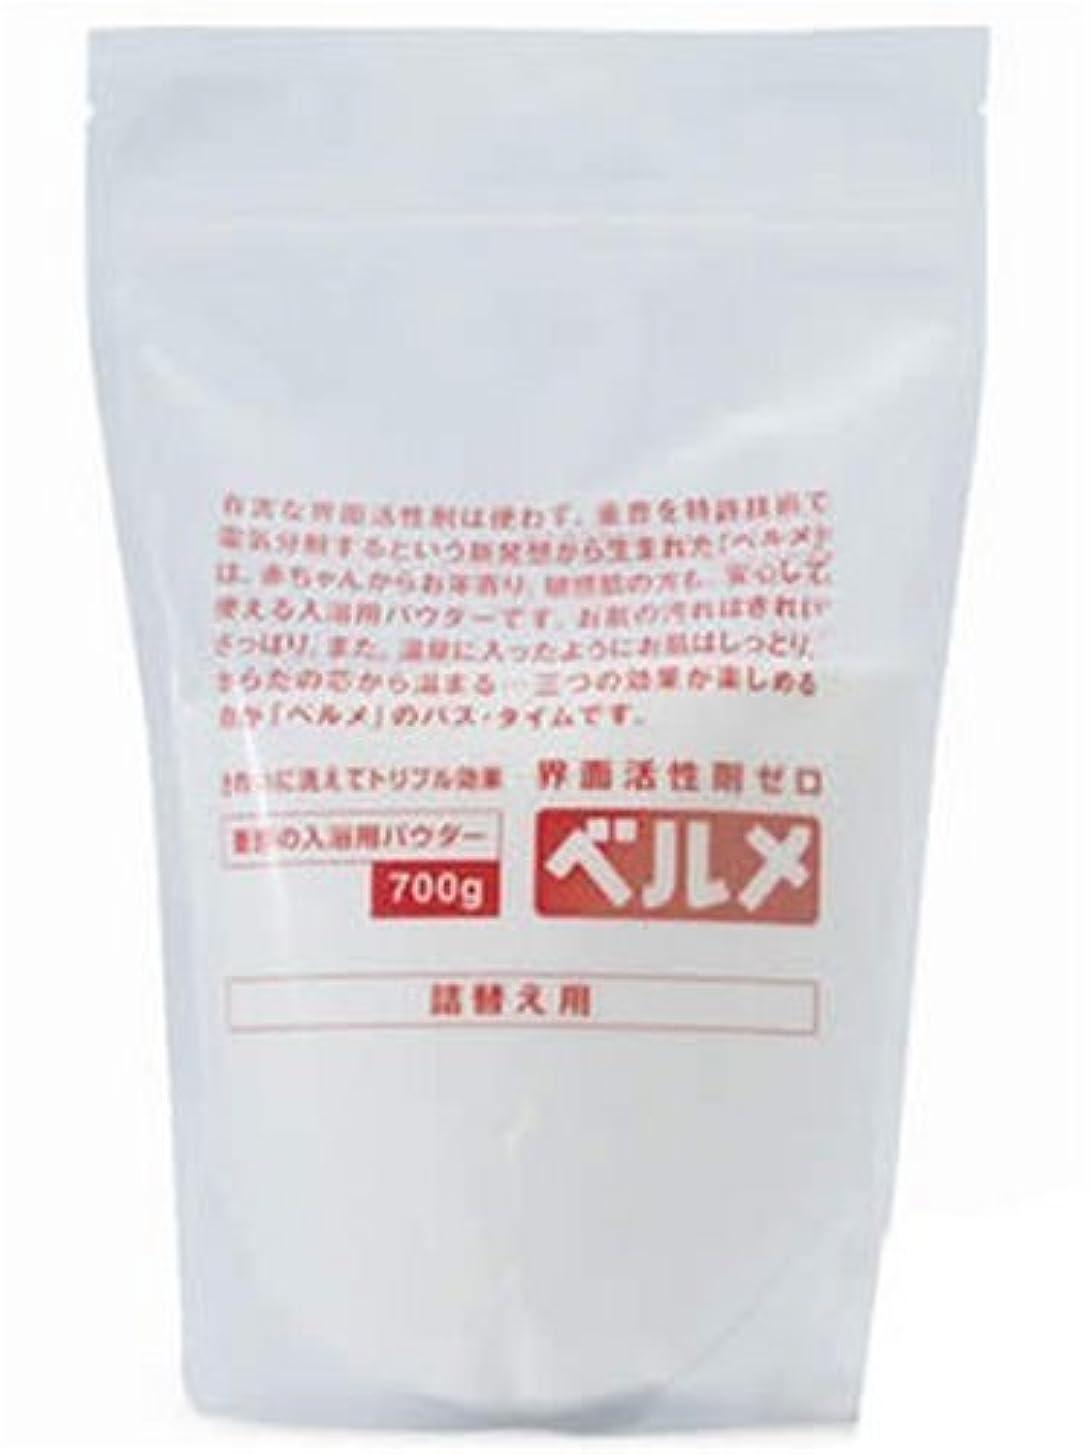 つぶやきペンダントそれベルメ 重曹入浴用パウダー(界面活性剤ゼロ) 700g